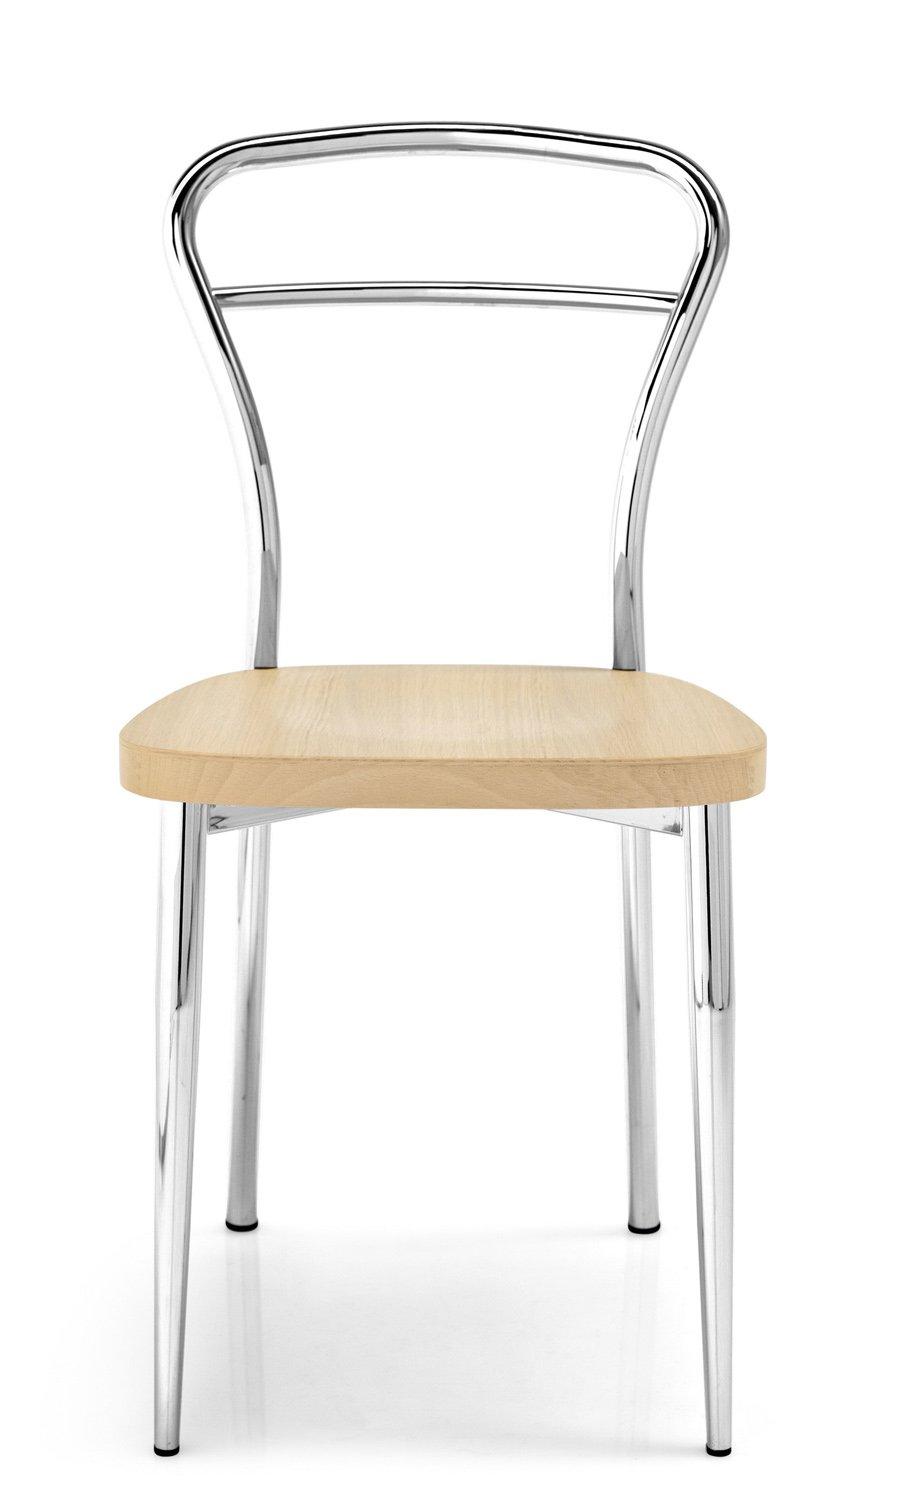 Sedie legno economiche best sedie bianche e legno sedie - Sedie bianche ikea ...